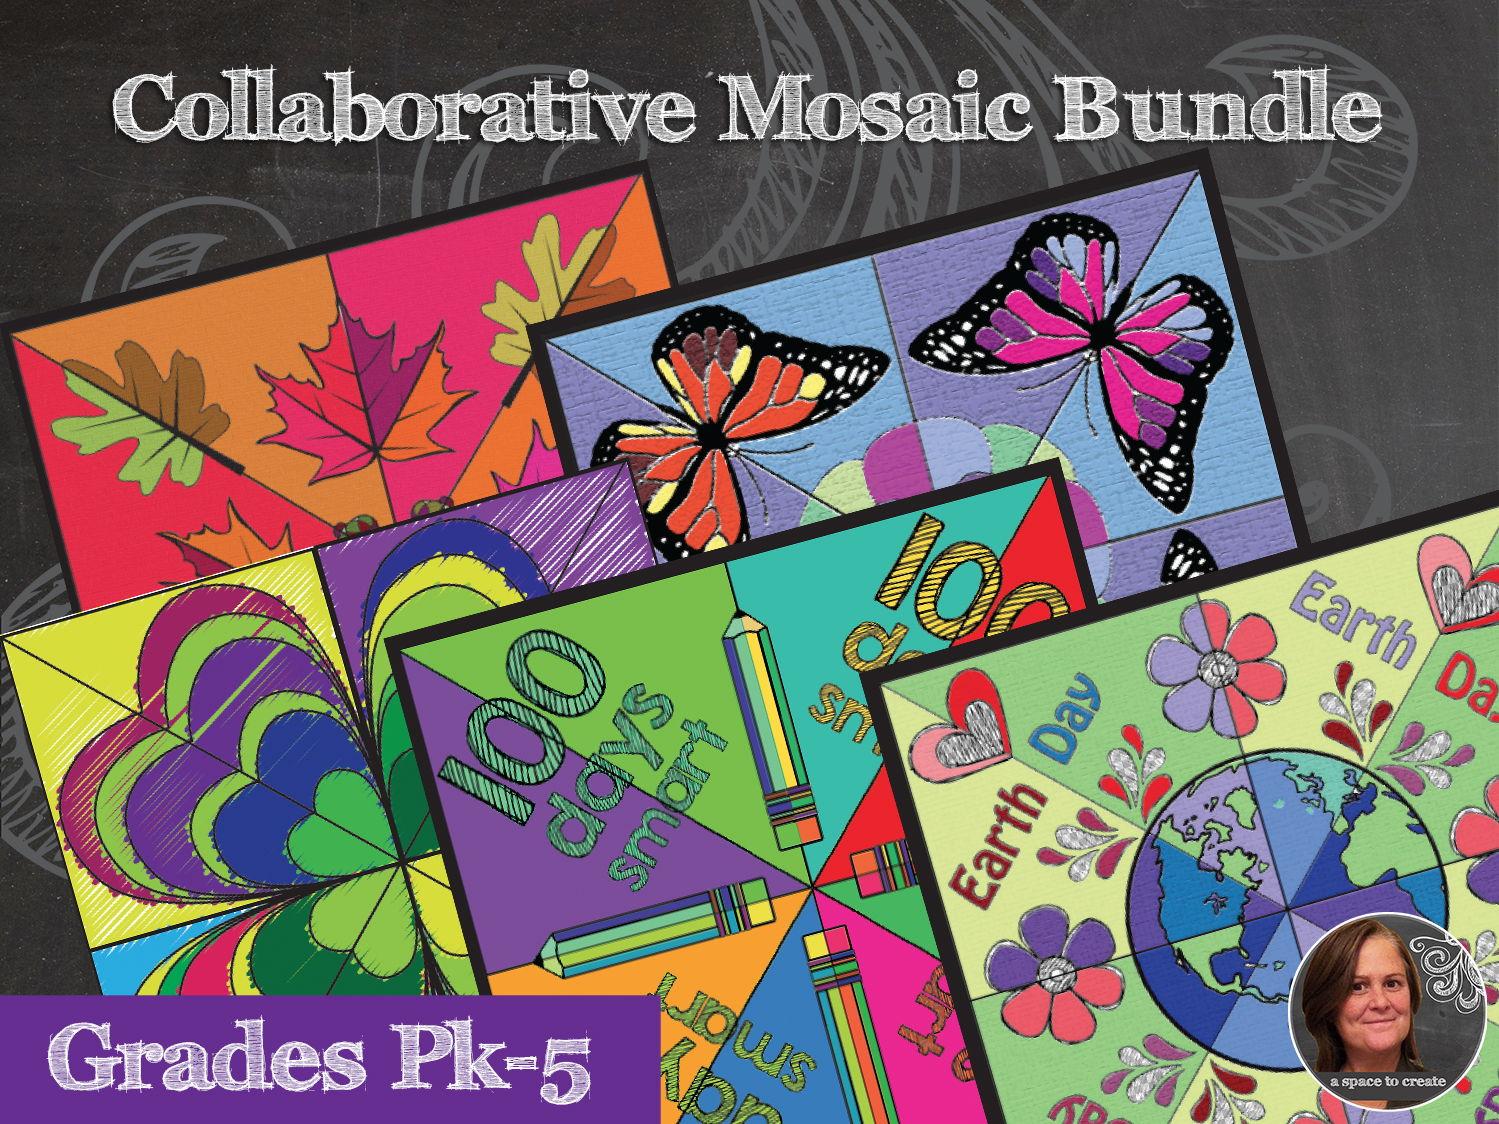 Mosaic Holiday Bundle - Interactive Coloring Sheets - Collaborative Mosaics